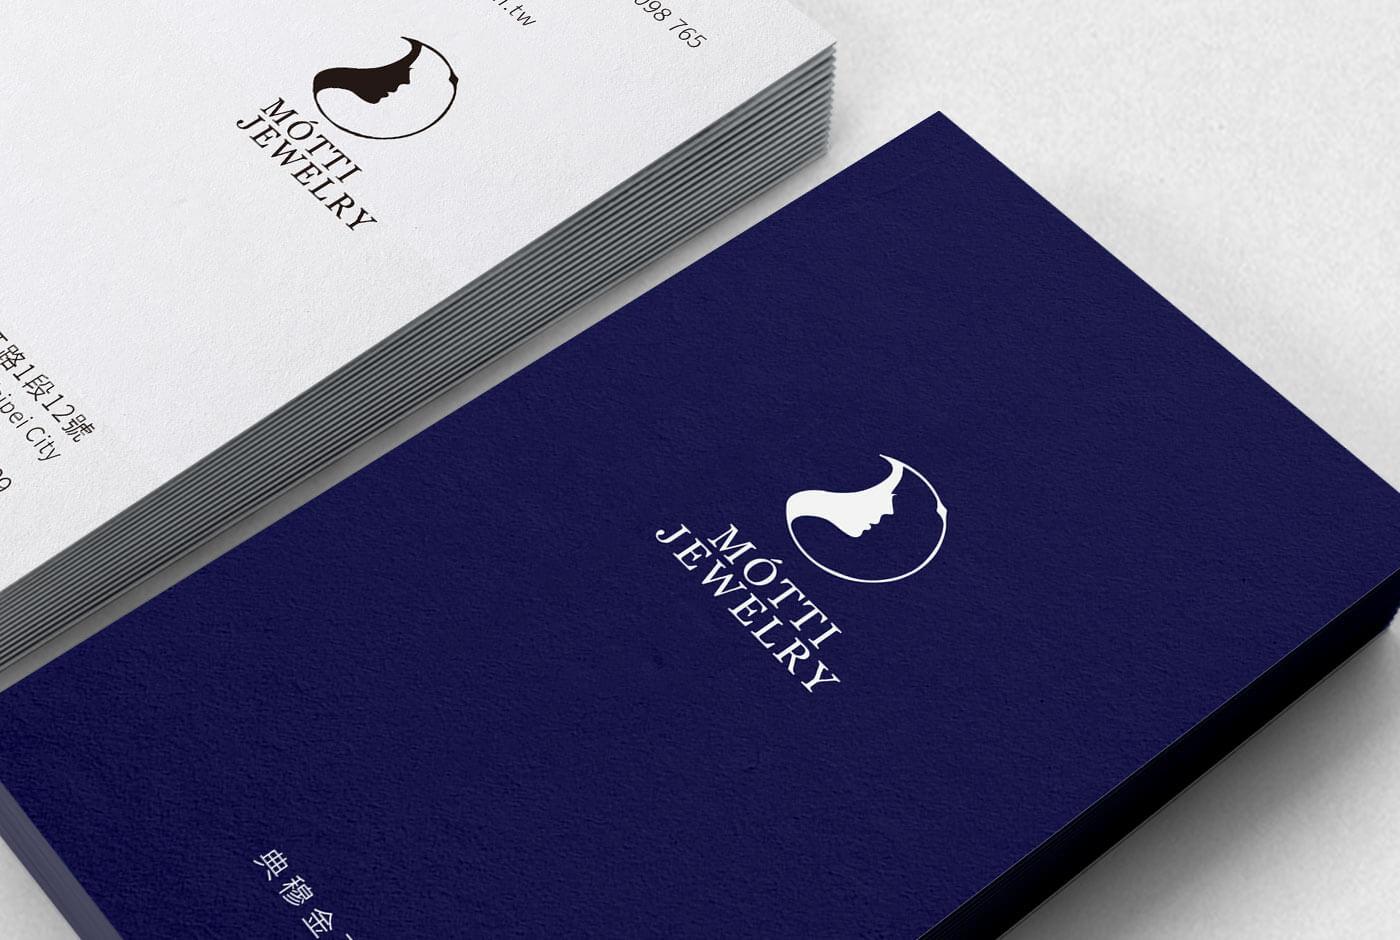 簡單的創意金工珠寶工作室個人名片設計-博凱名片設計作品欣賞